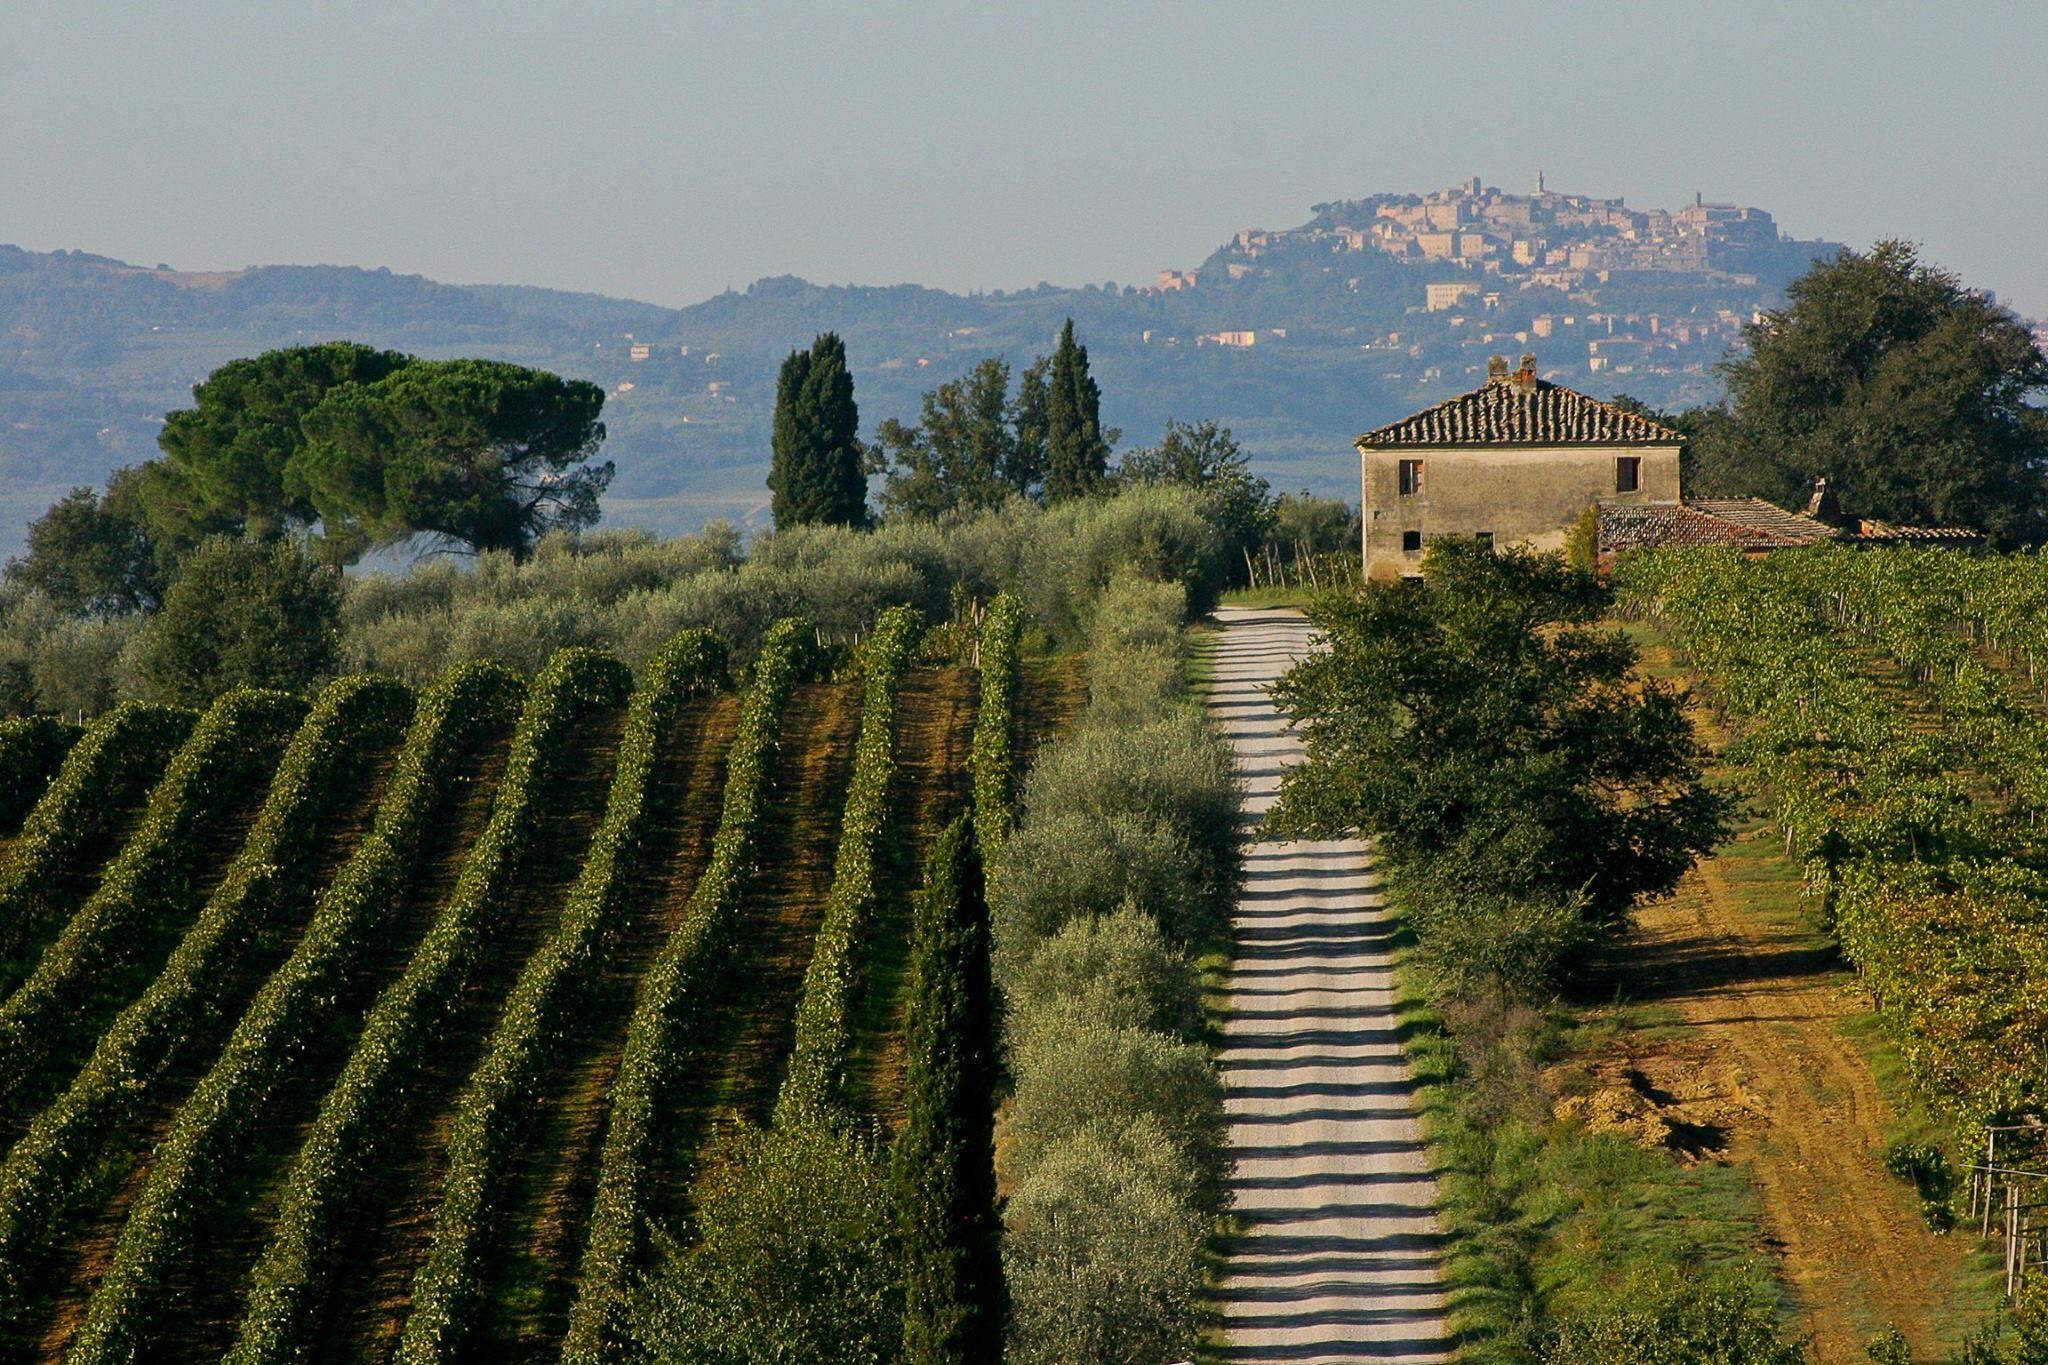 vigneto-e-paesaggio-anteprima vino nobile 2017